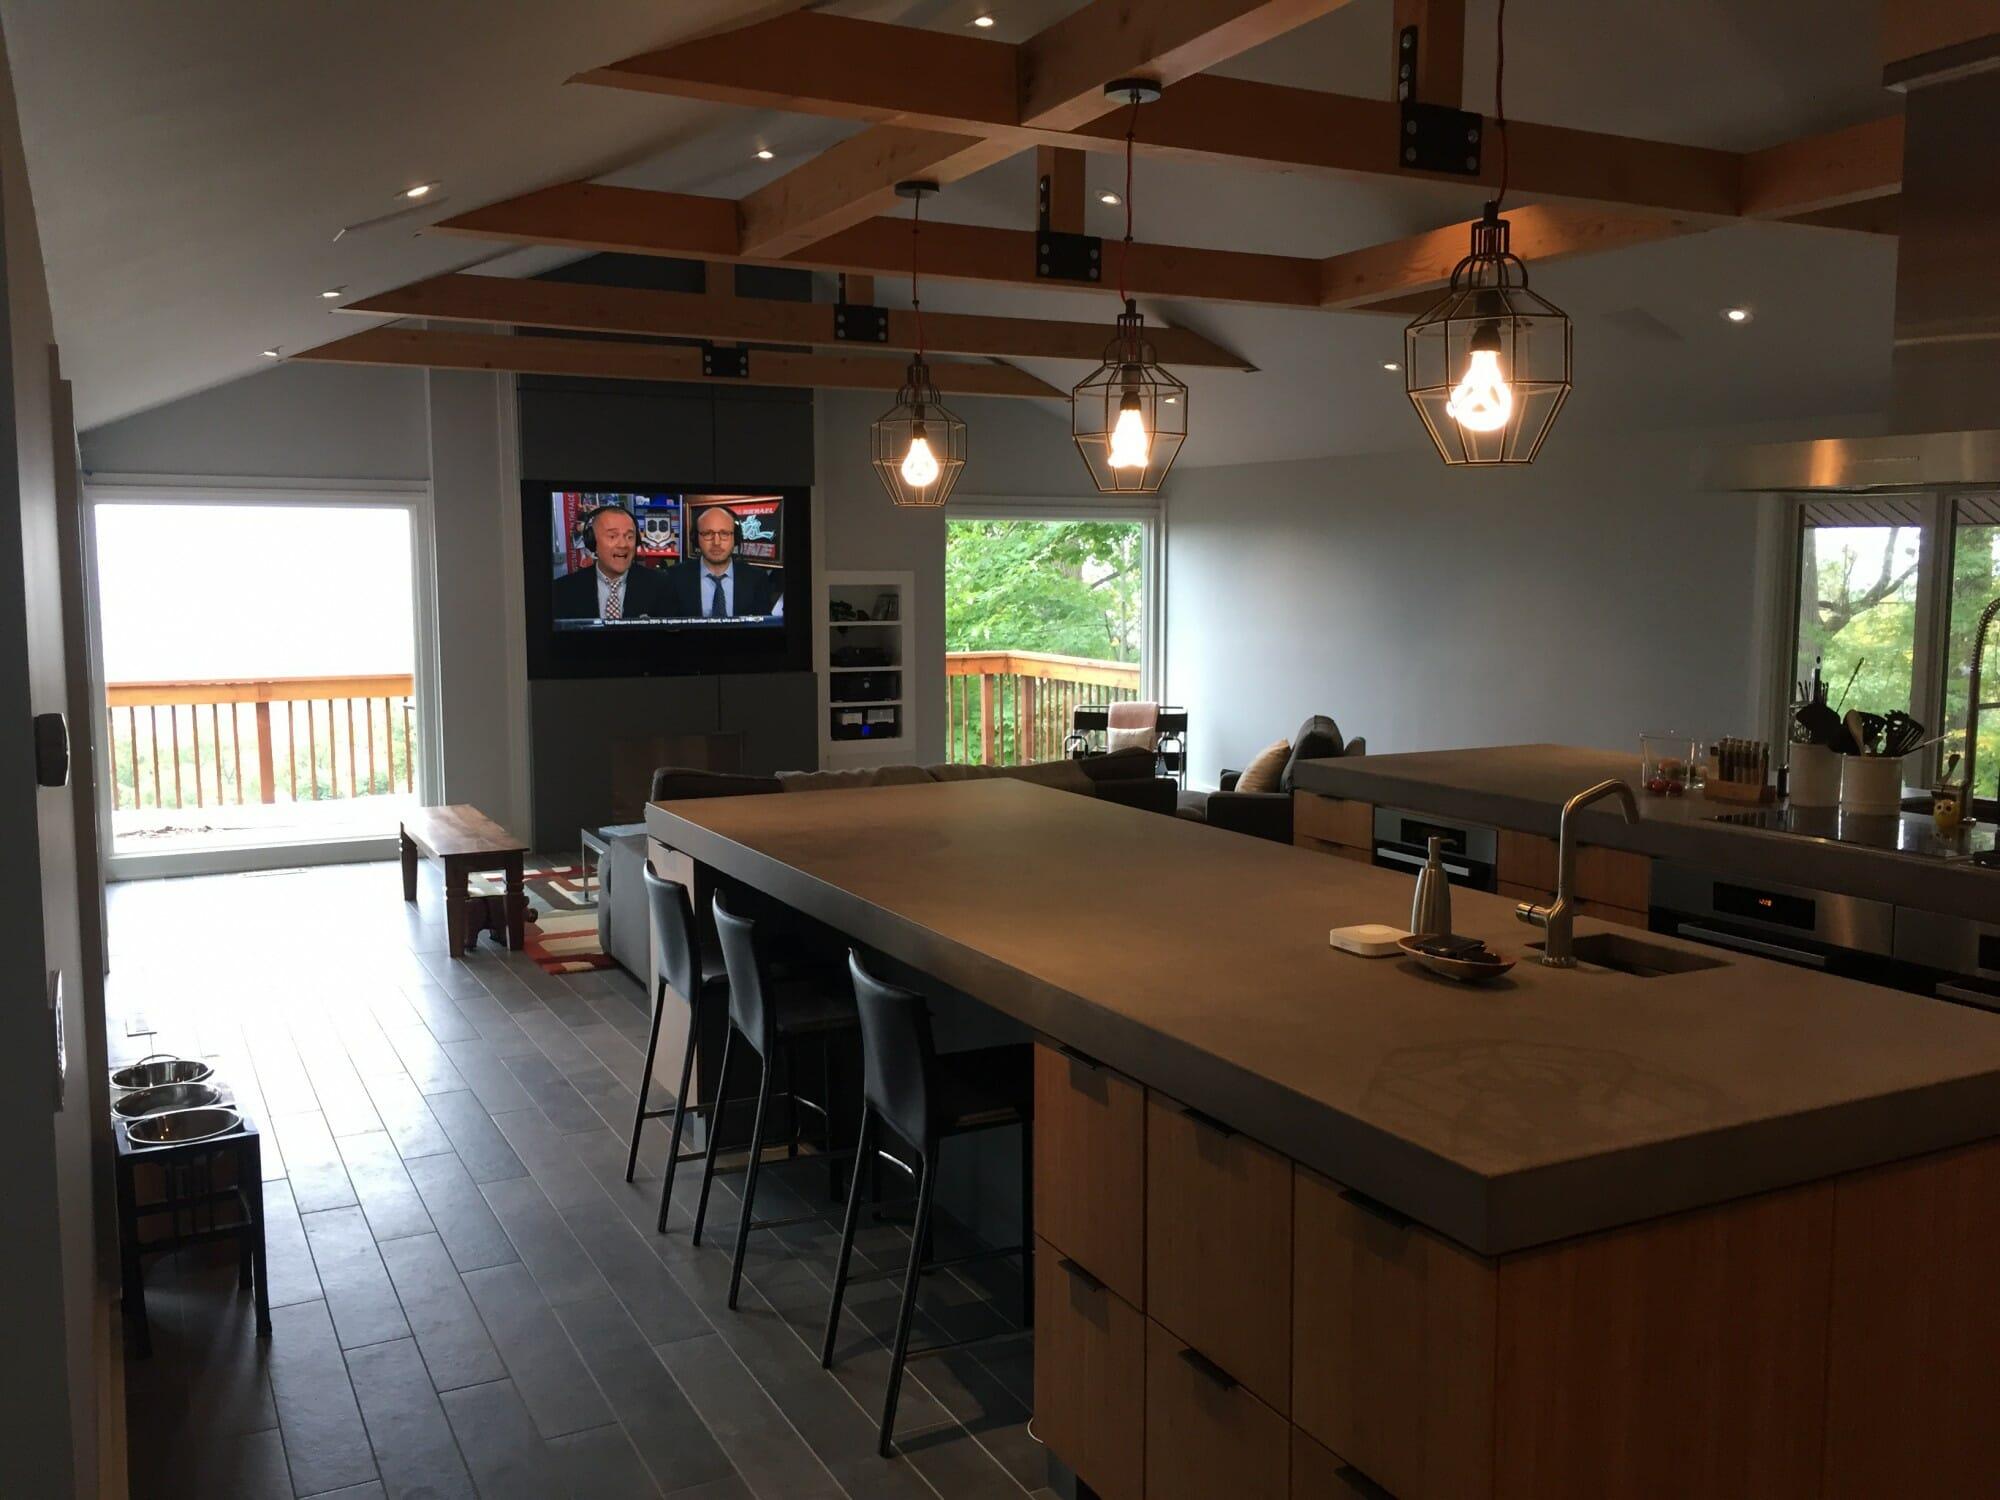 Sleek ceiling timbers